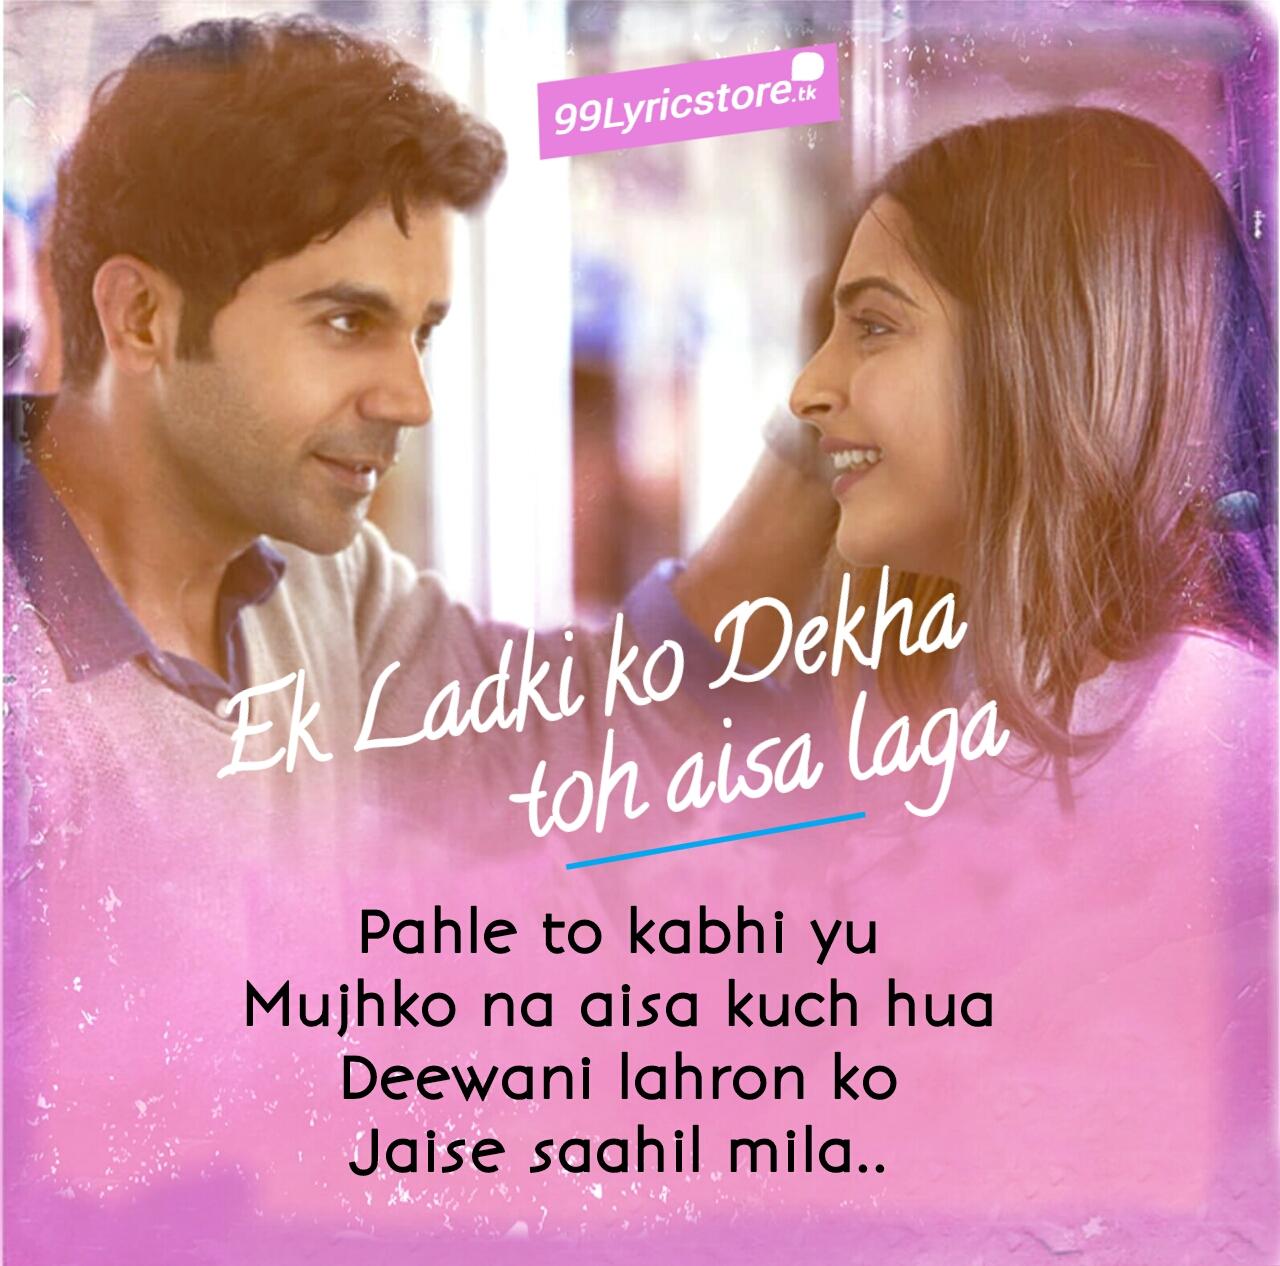 Darshan Raval song ek ladki ko dekha to aisa laga Lyrics, Ek ladki ko dekha to aisa laga Sonam Kapoor and Rajkumar Rao images, Latest Hindi Song Lyrics